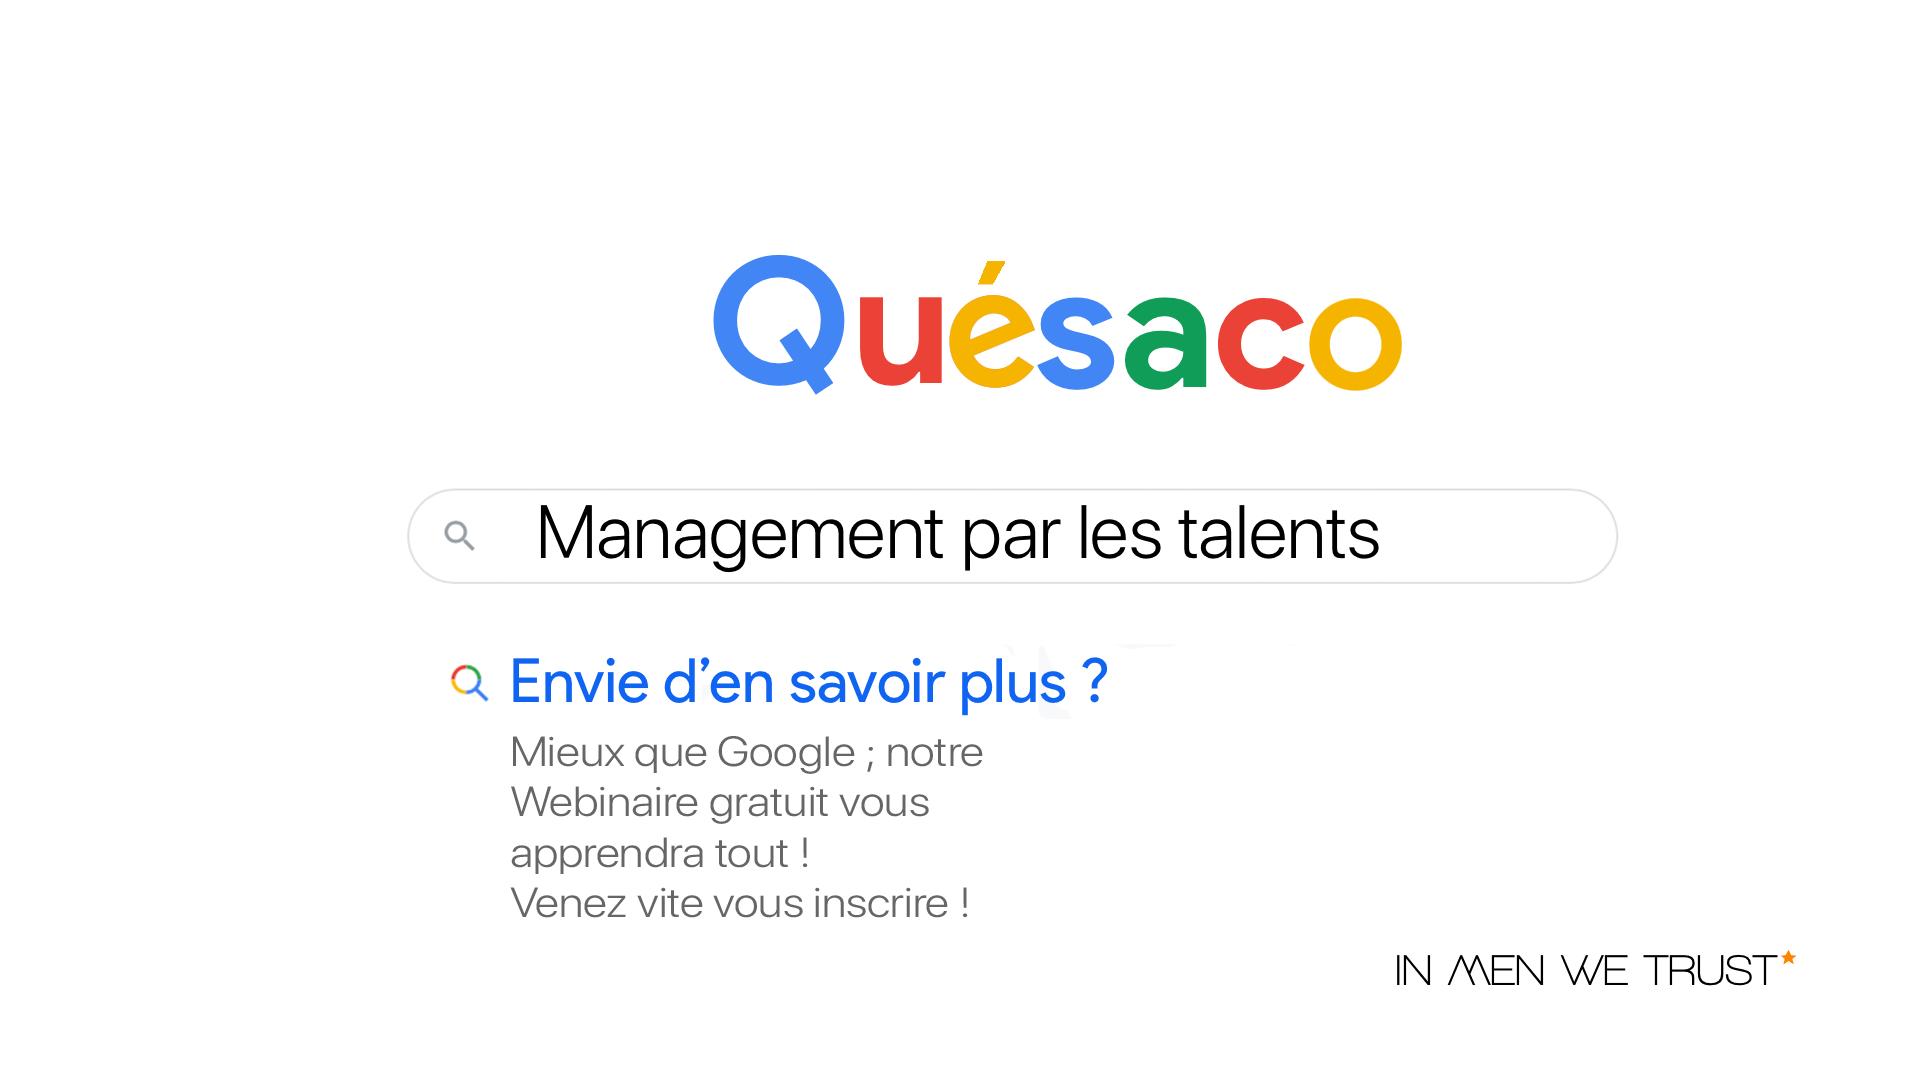 Management par les talents késaco IN MEN WE TRUST webinaire